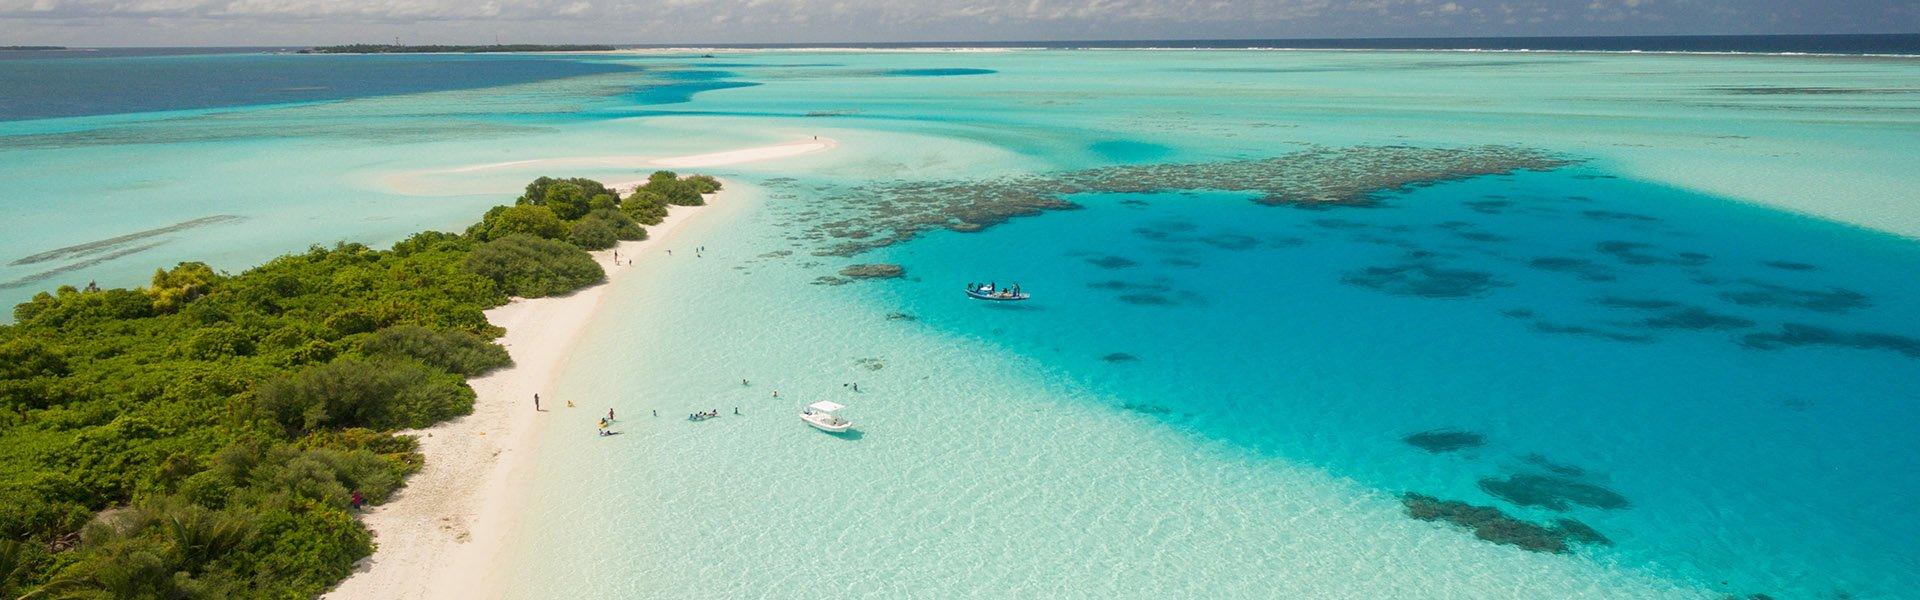 chương trinh dau tu quoc tich Antigua & Barbuda